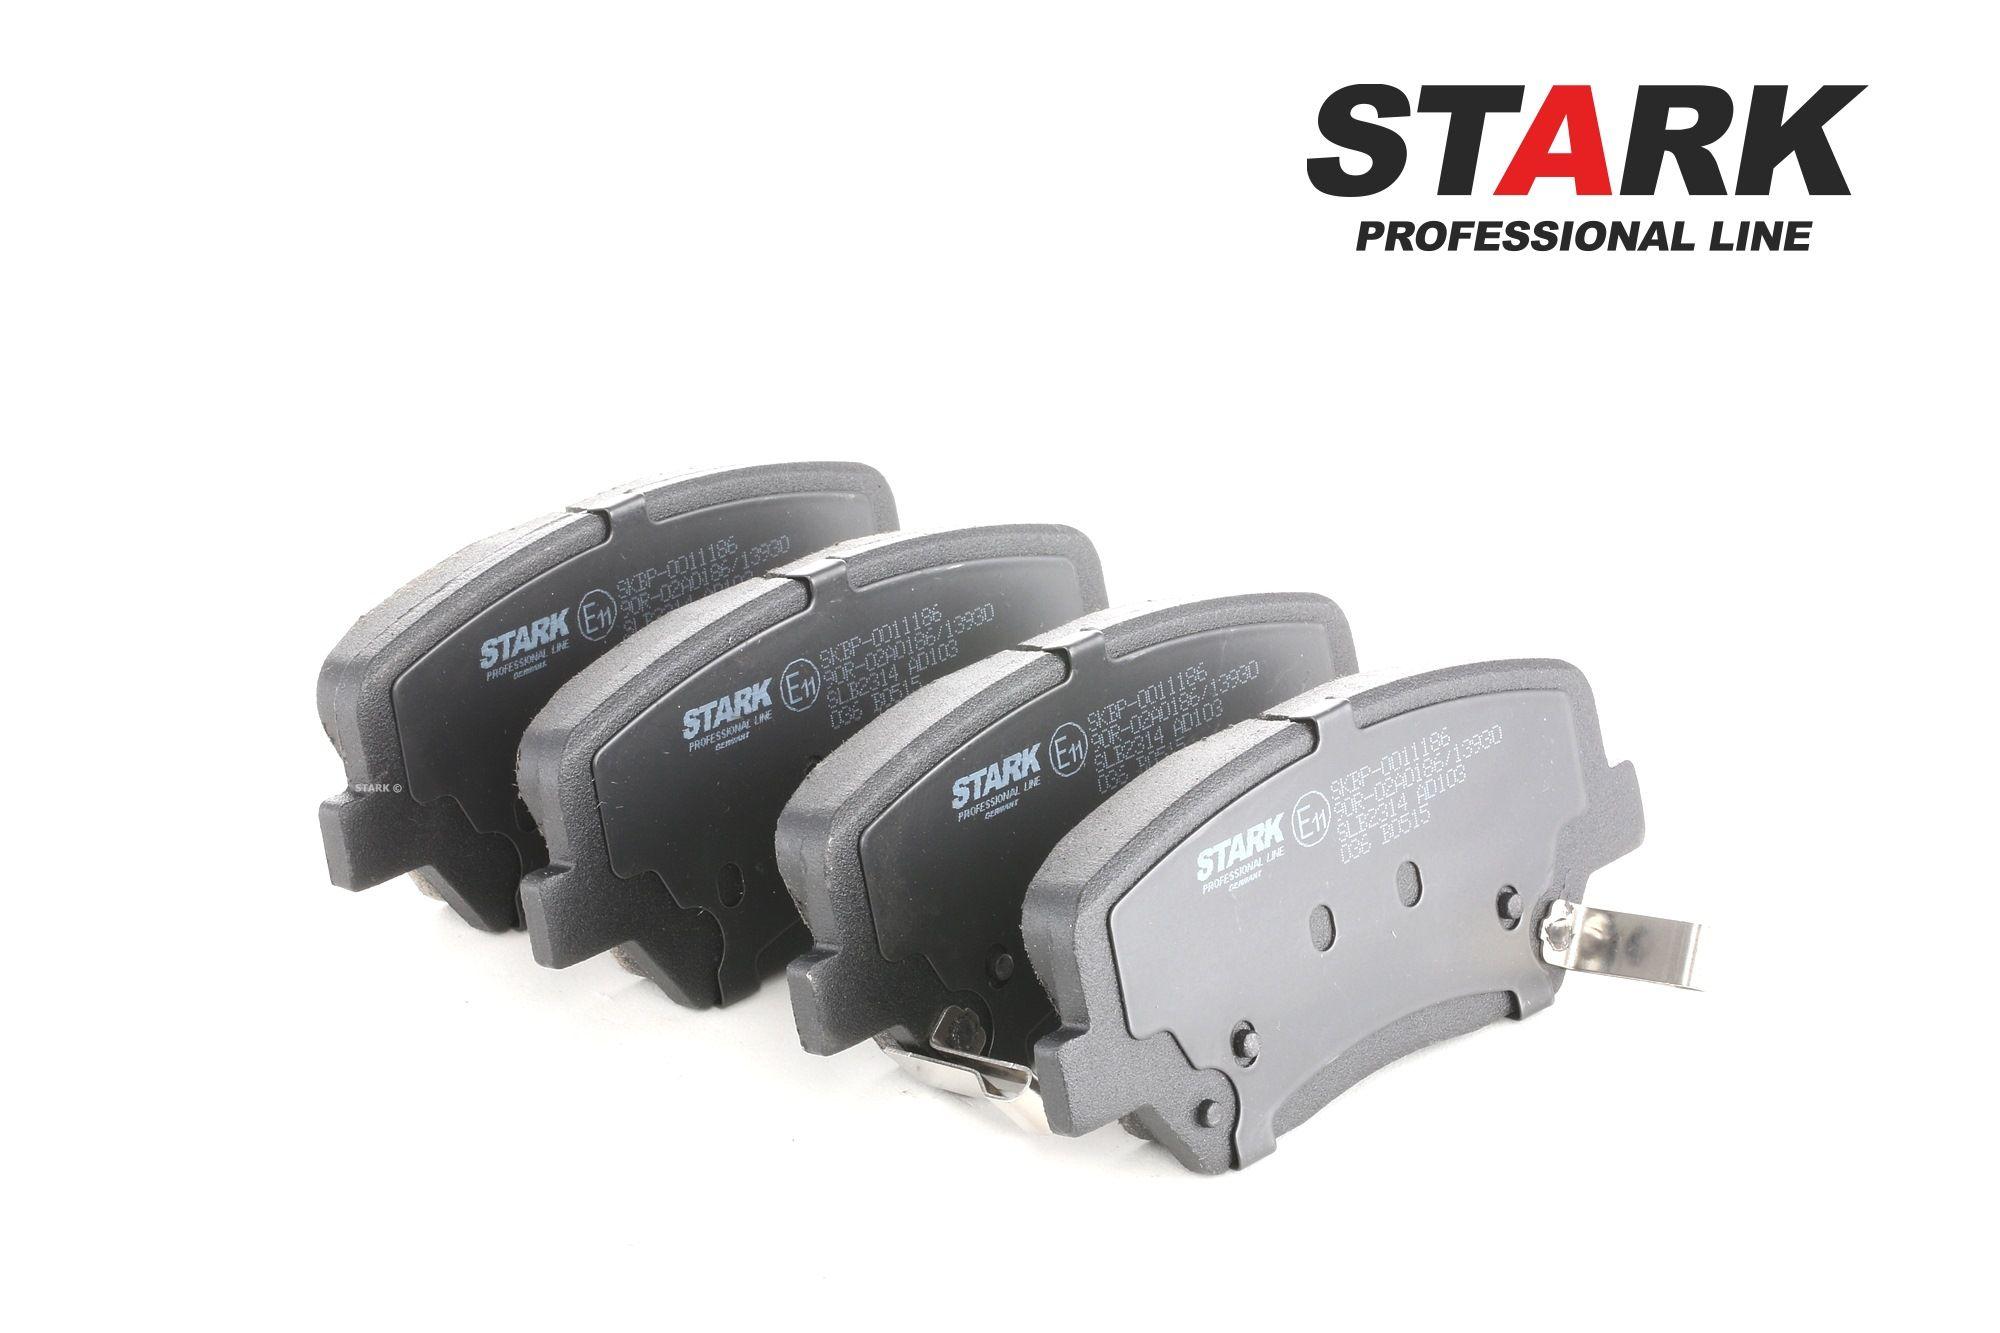 Bromsbeläggsats SKBP-0011186 som är helt STARK otroligt kostnadseffektivt